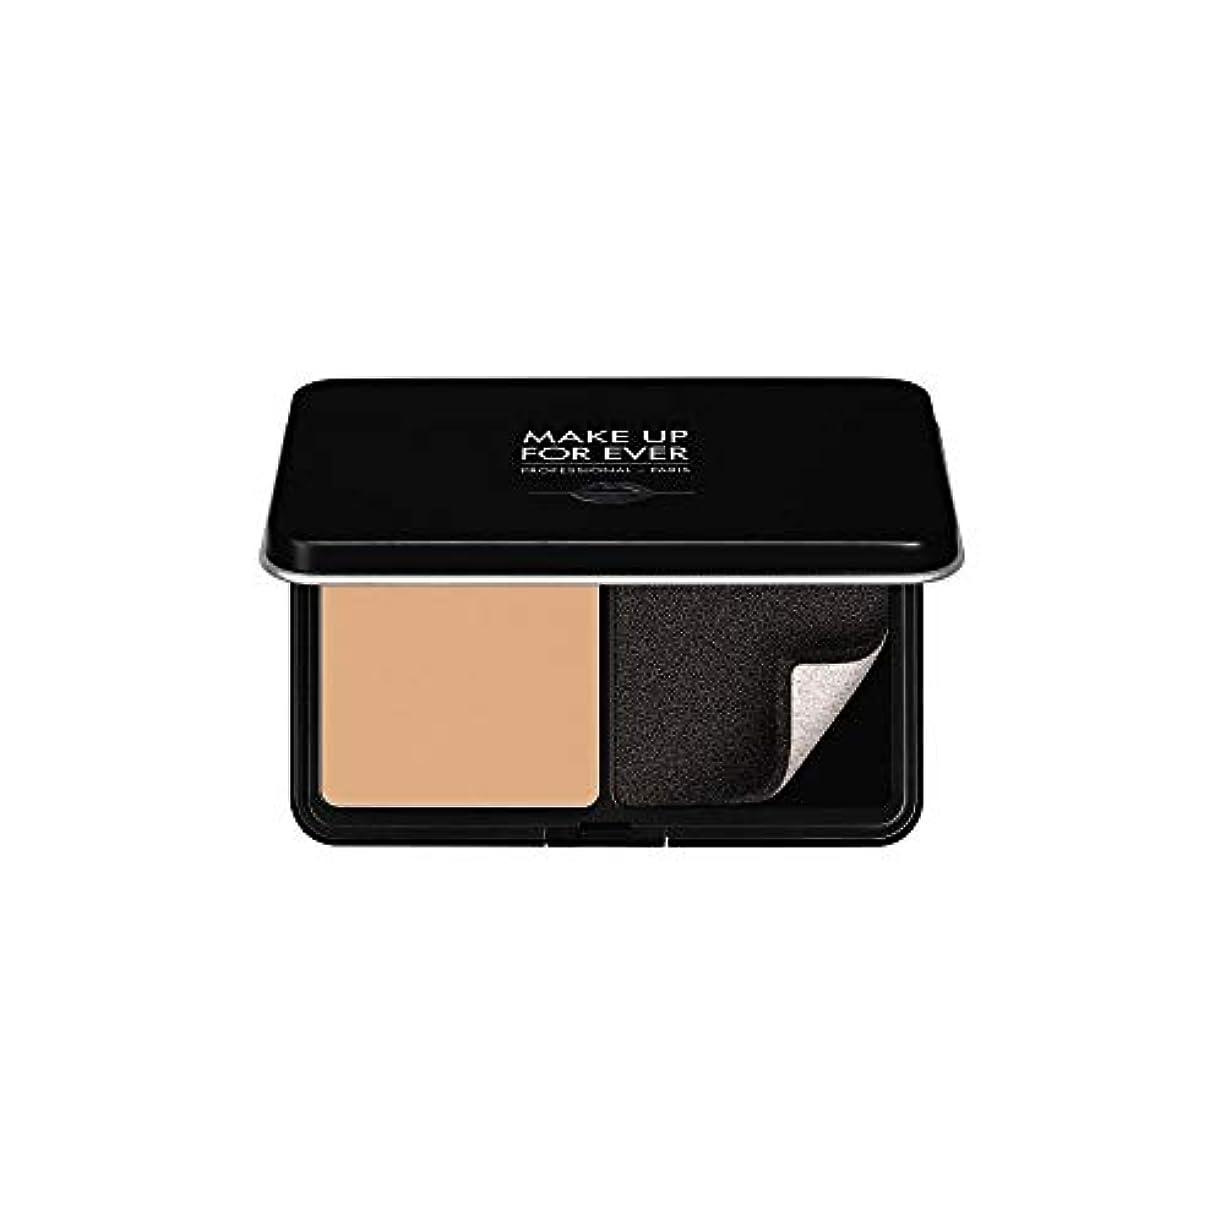 一般化する挨拶名目上のメイクアップフォーエバー Matte Velvet Skin Blurring Powder Foundation - # R260 (Pink Beige) 11g/0.38oz並行輸入品